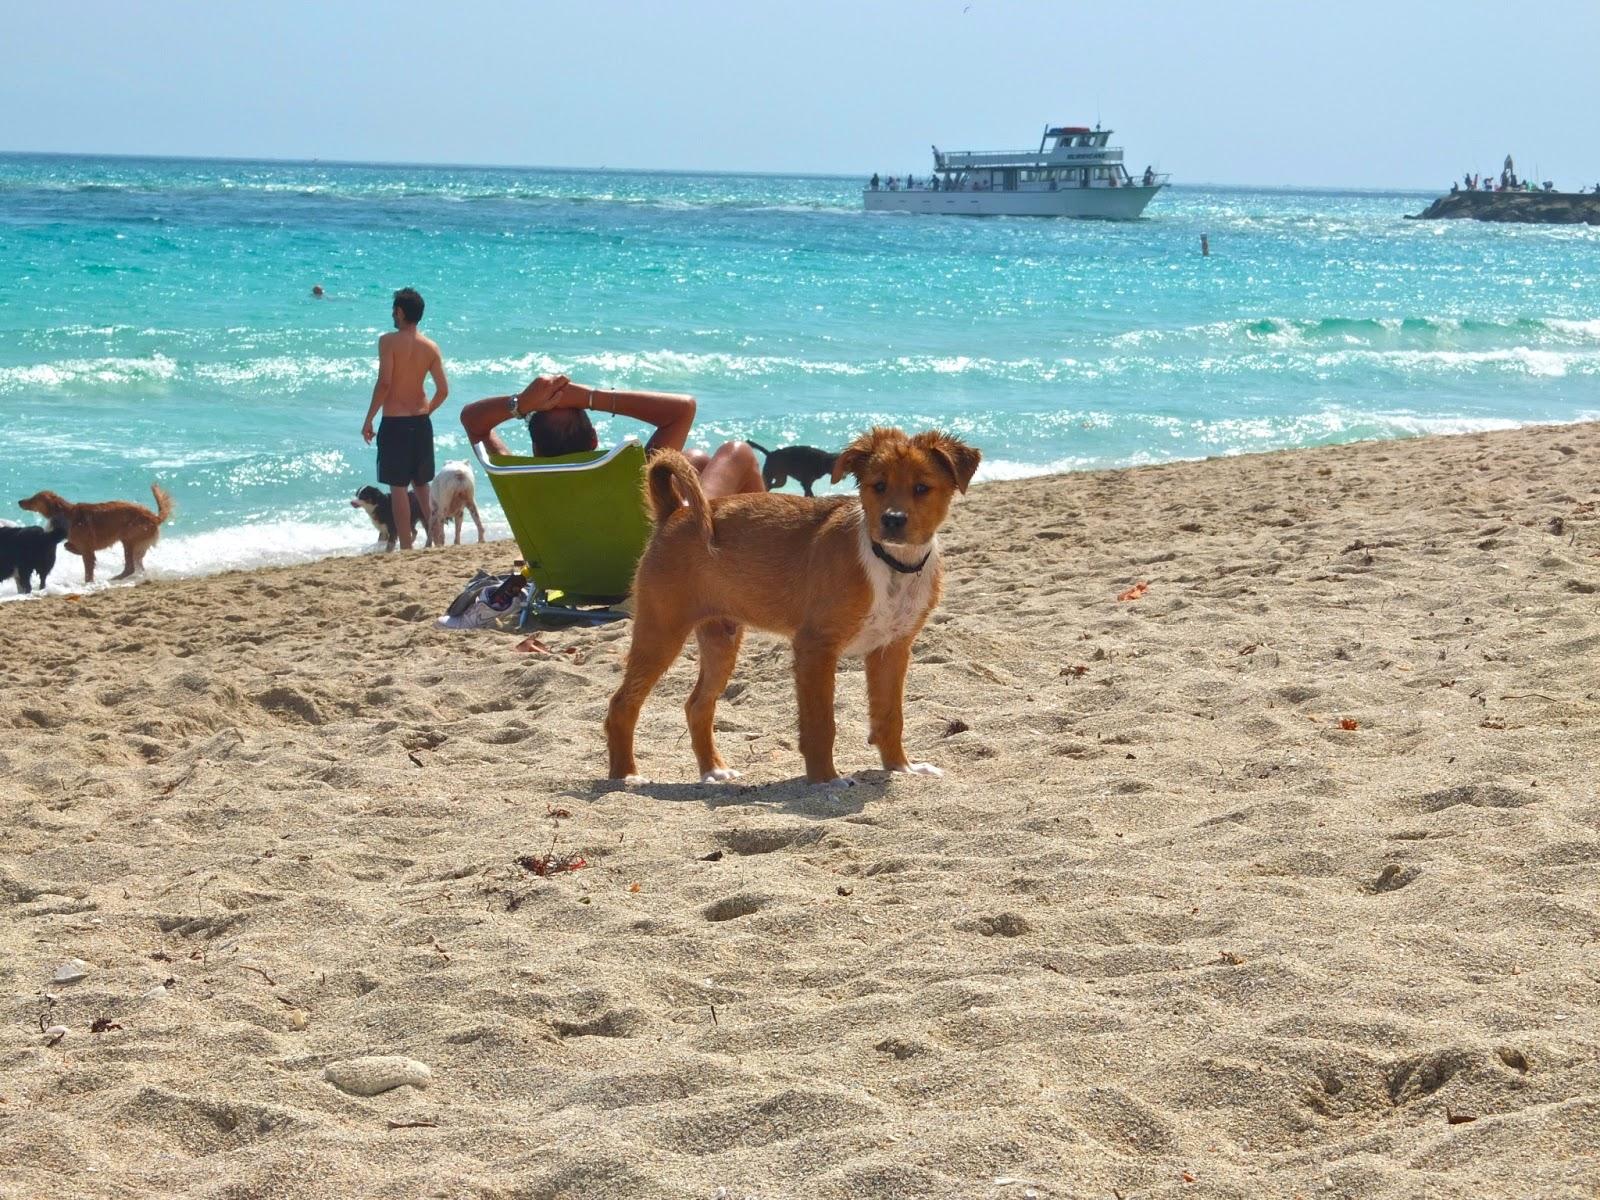 abaco nude beach jpg 1200x900